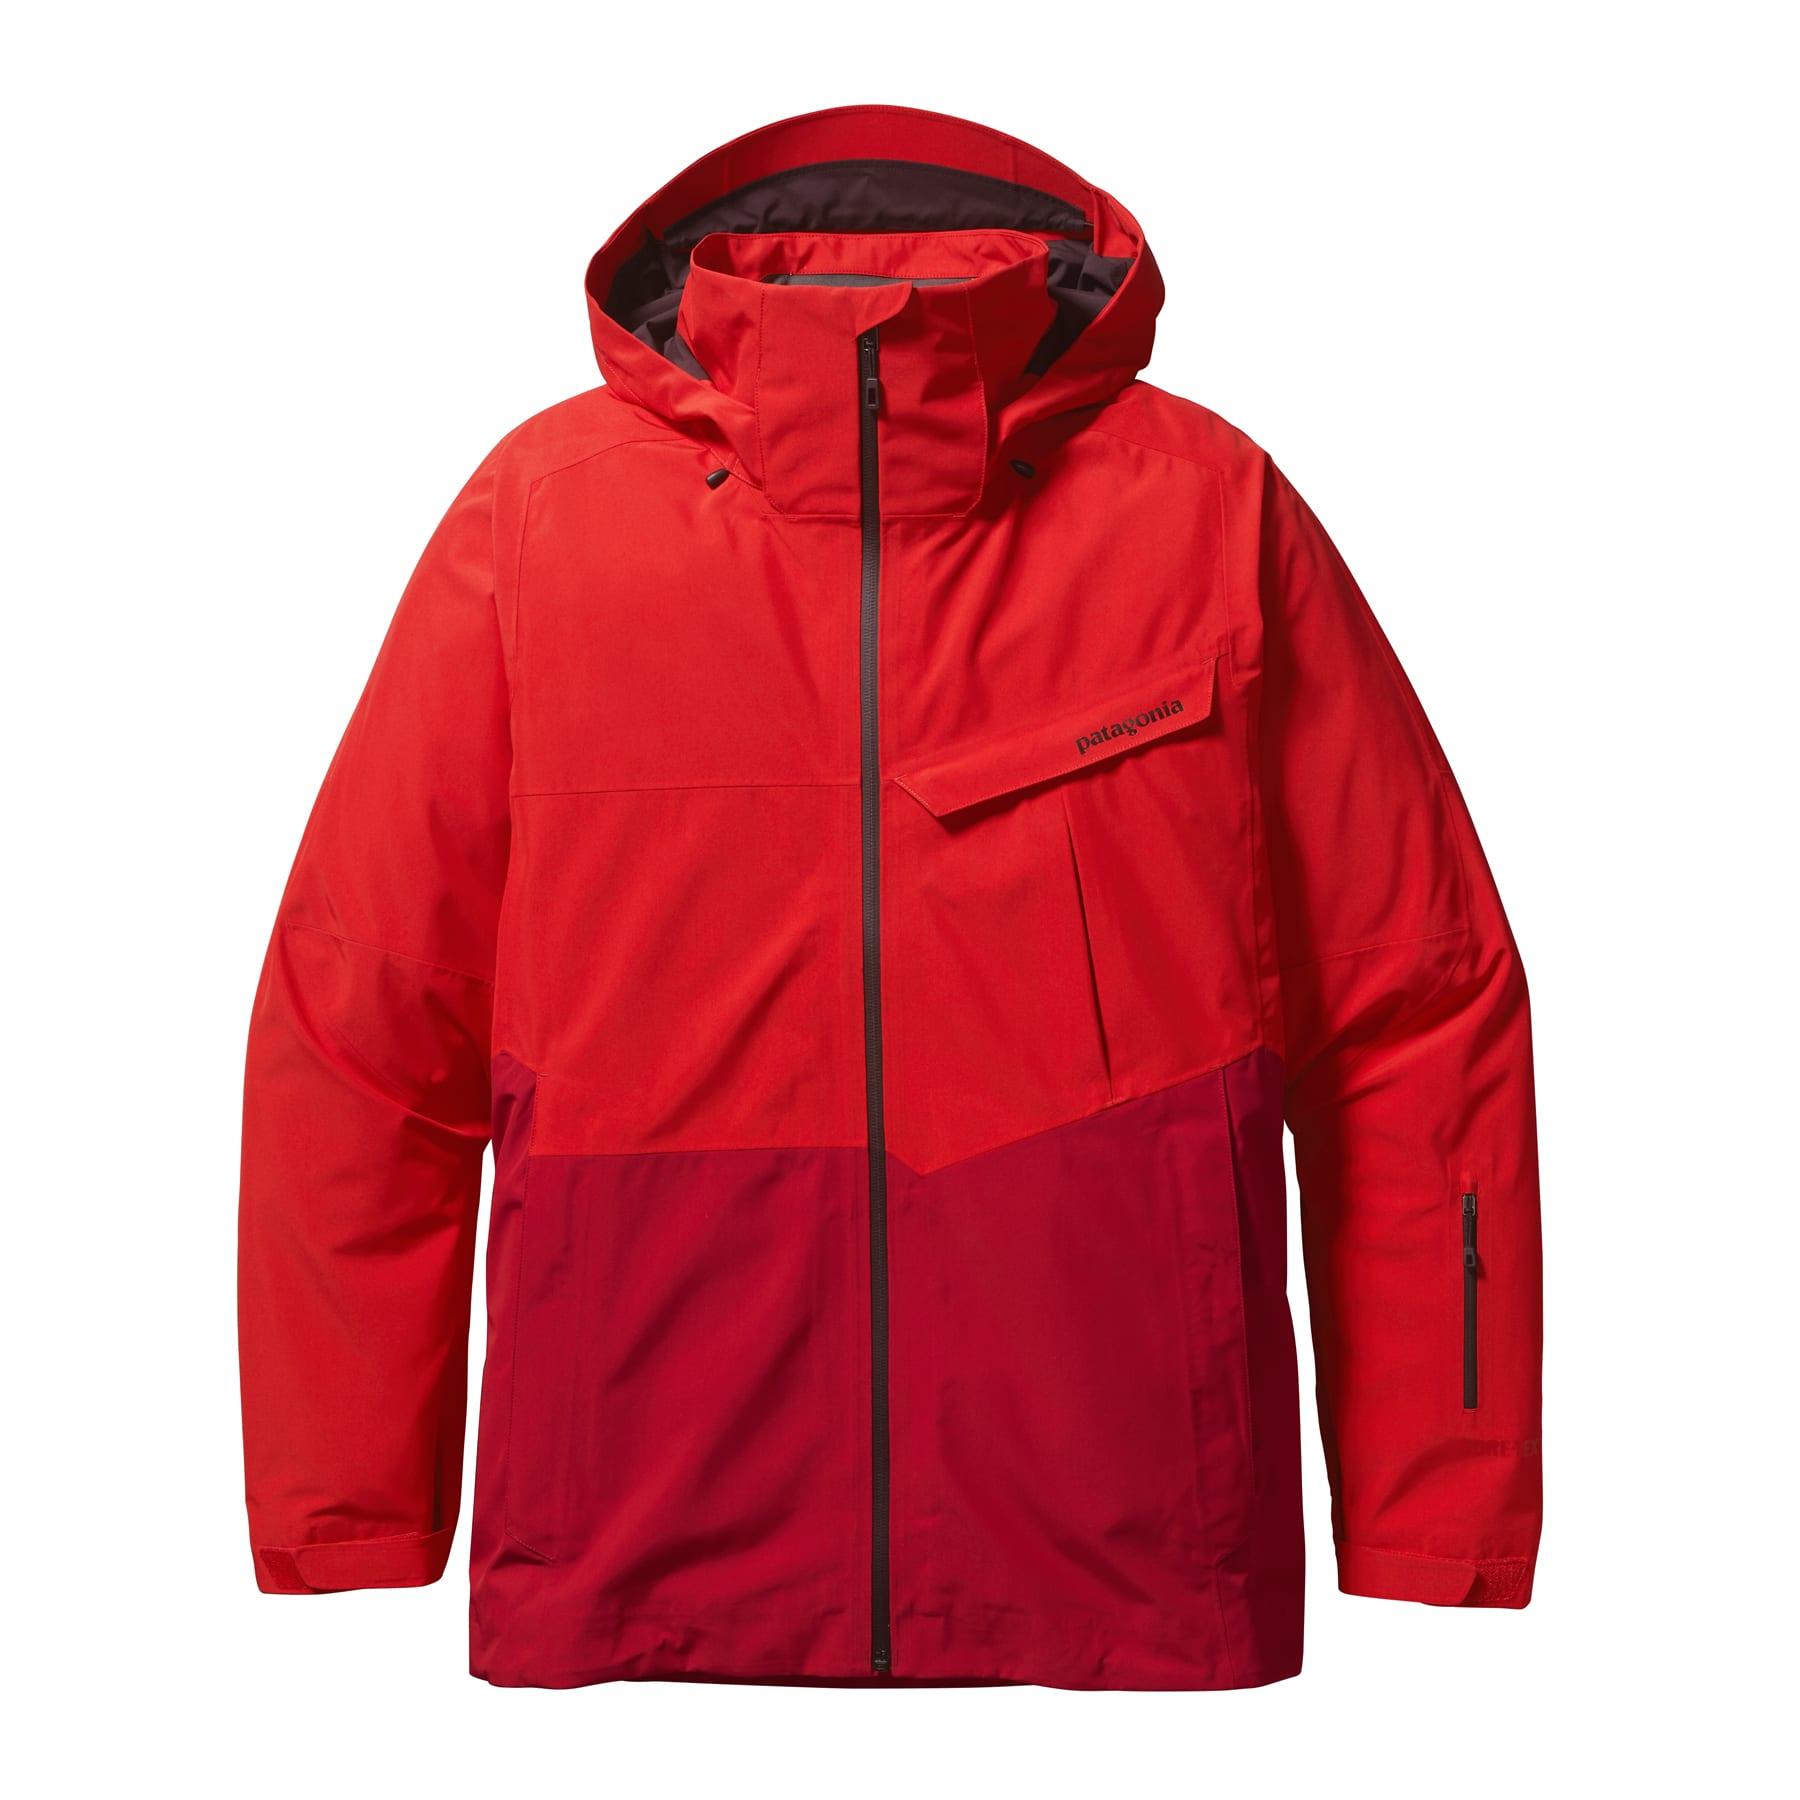 Patagonia Powder Bowl Gore Tex Ski Jacket